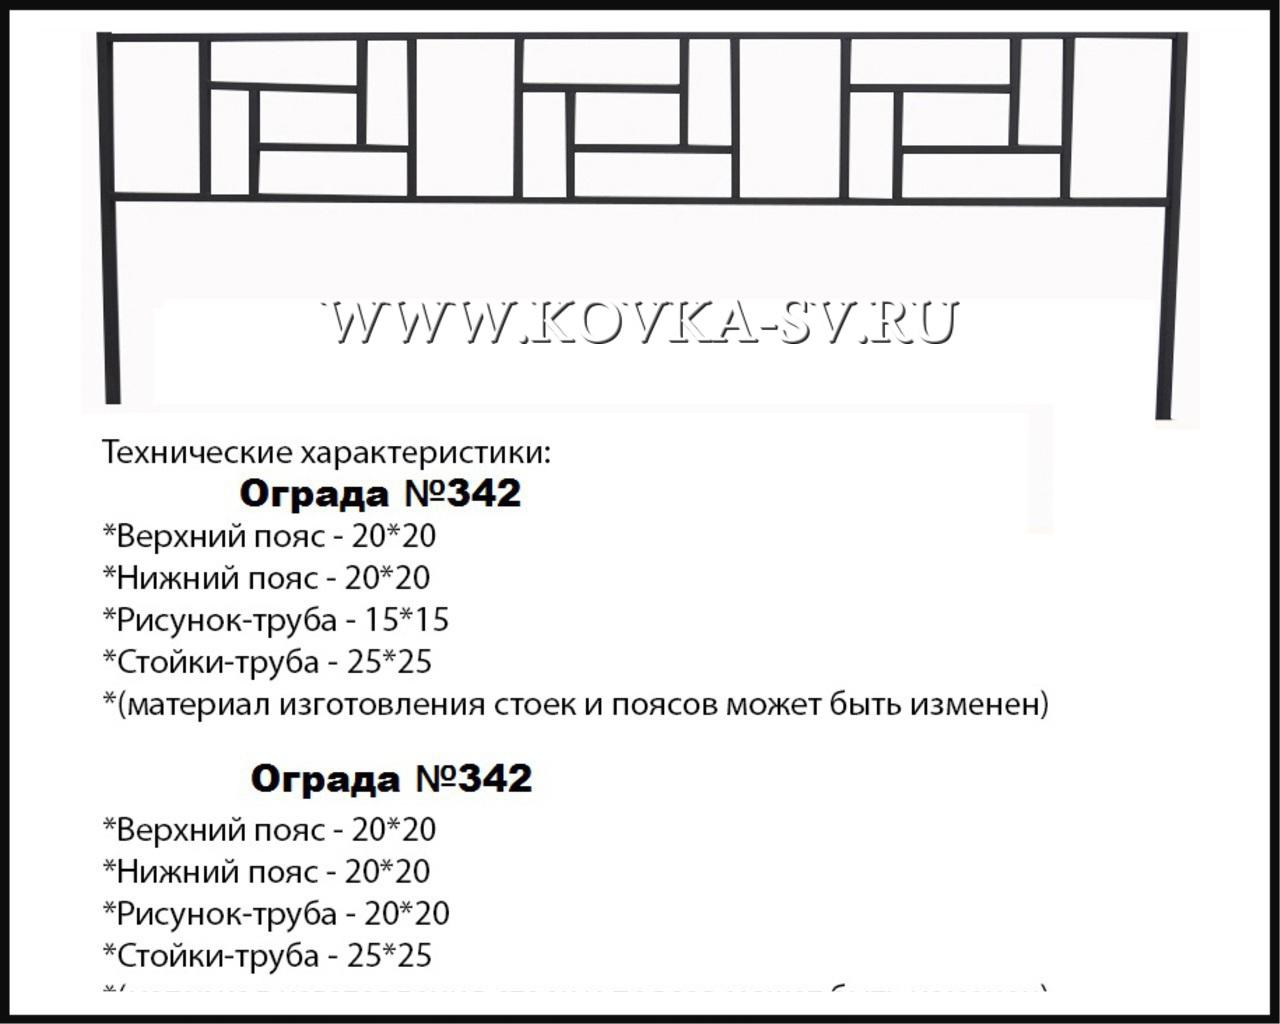 Ограда №342